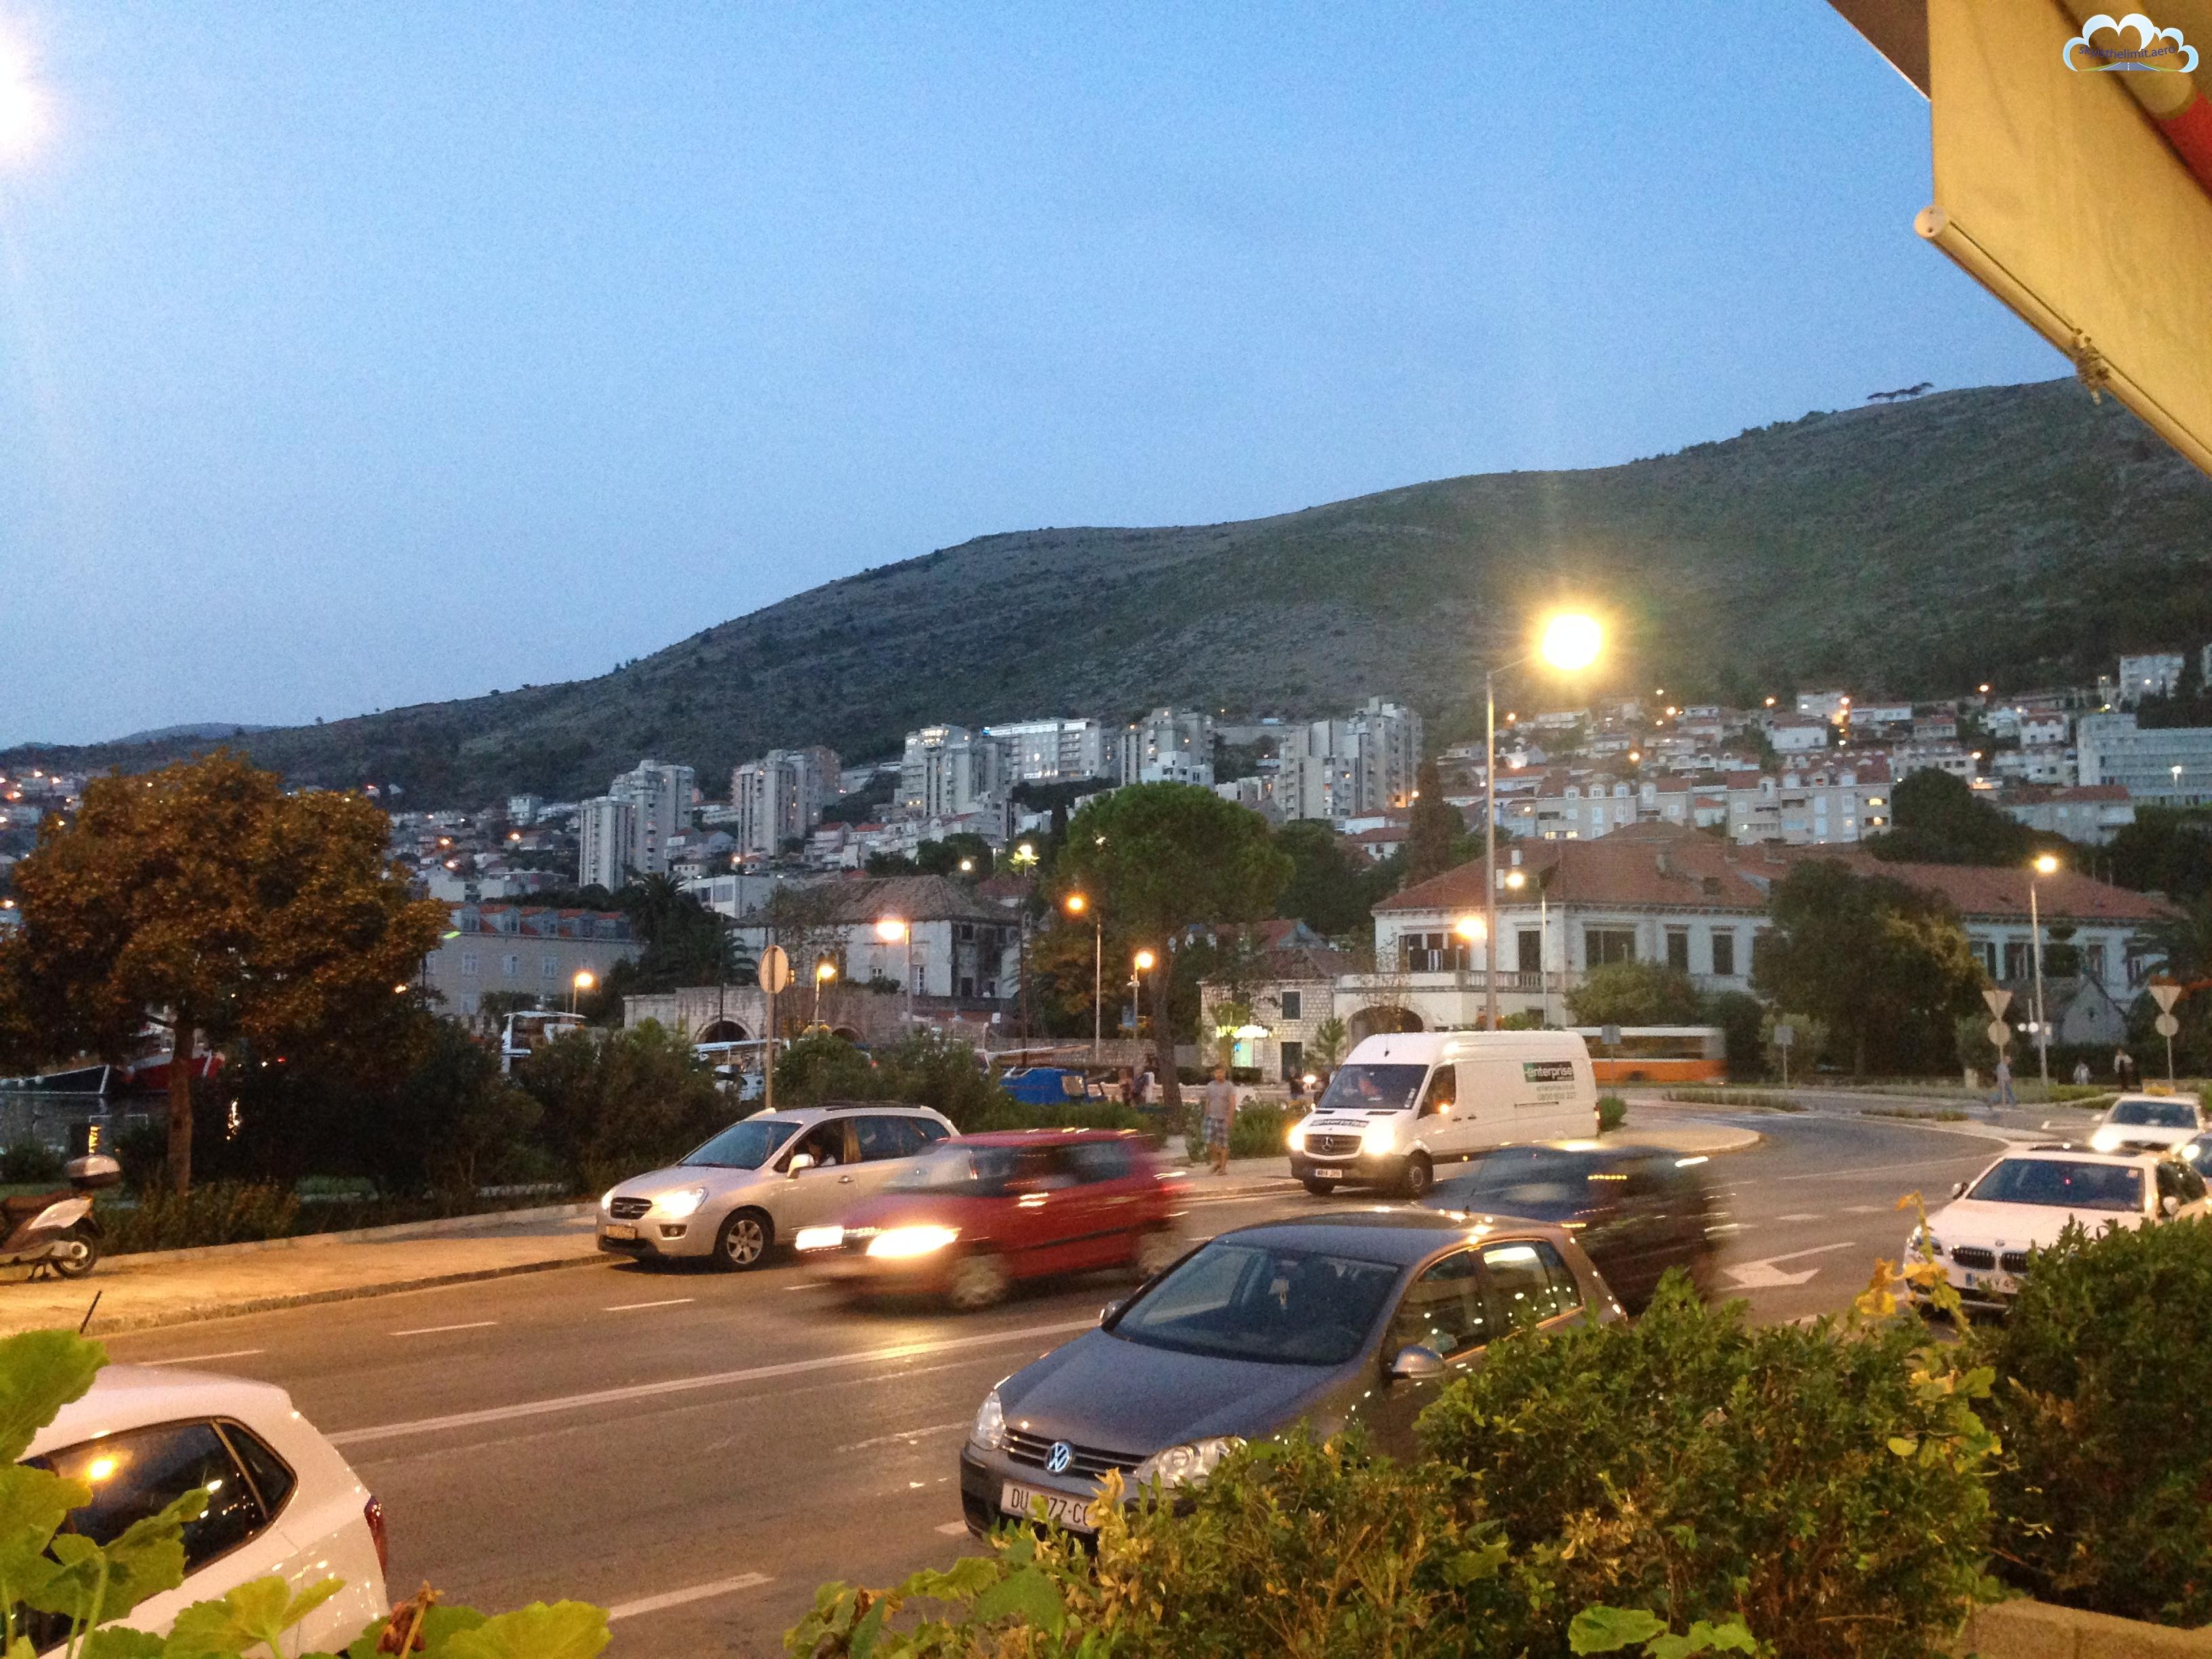 Góry i morze - w Dubrovniku każdy znajdzie coś dla siebie.